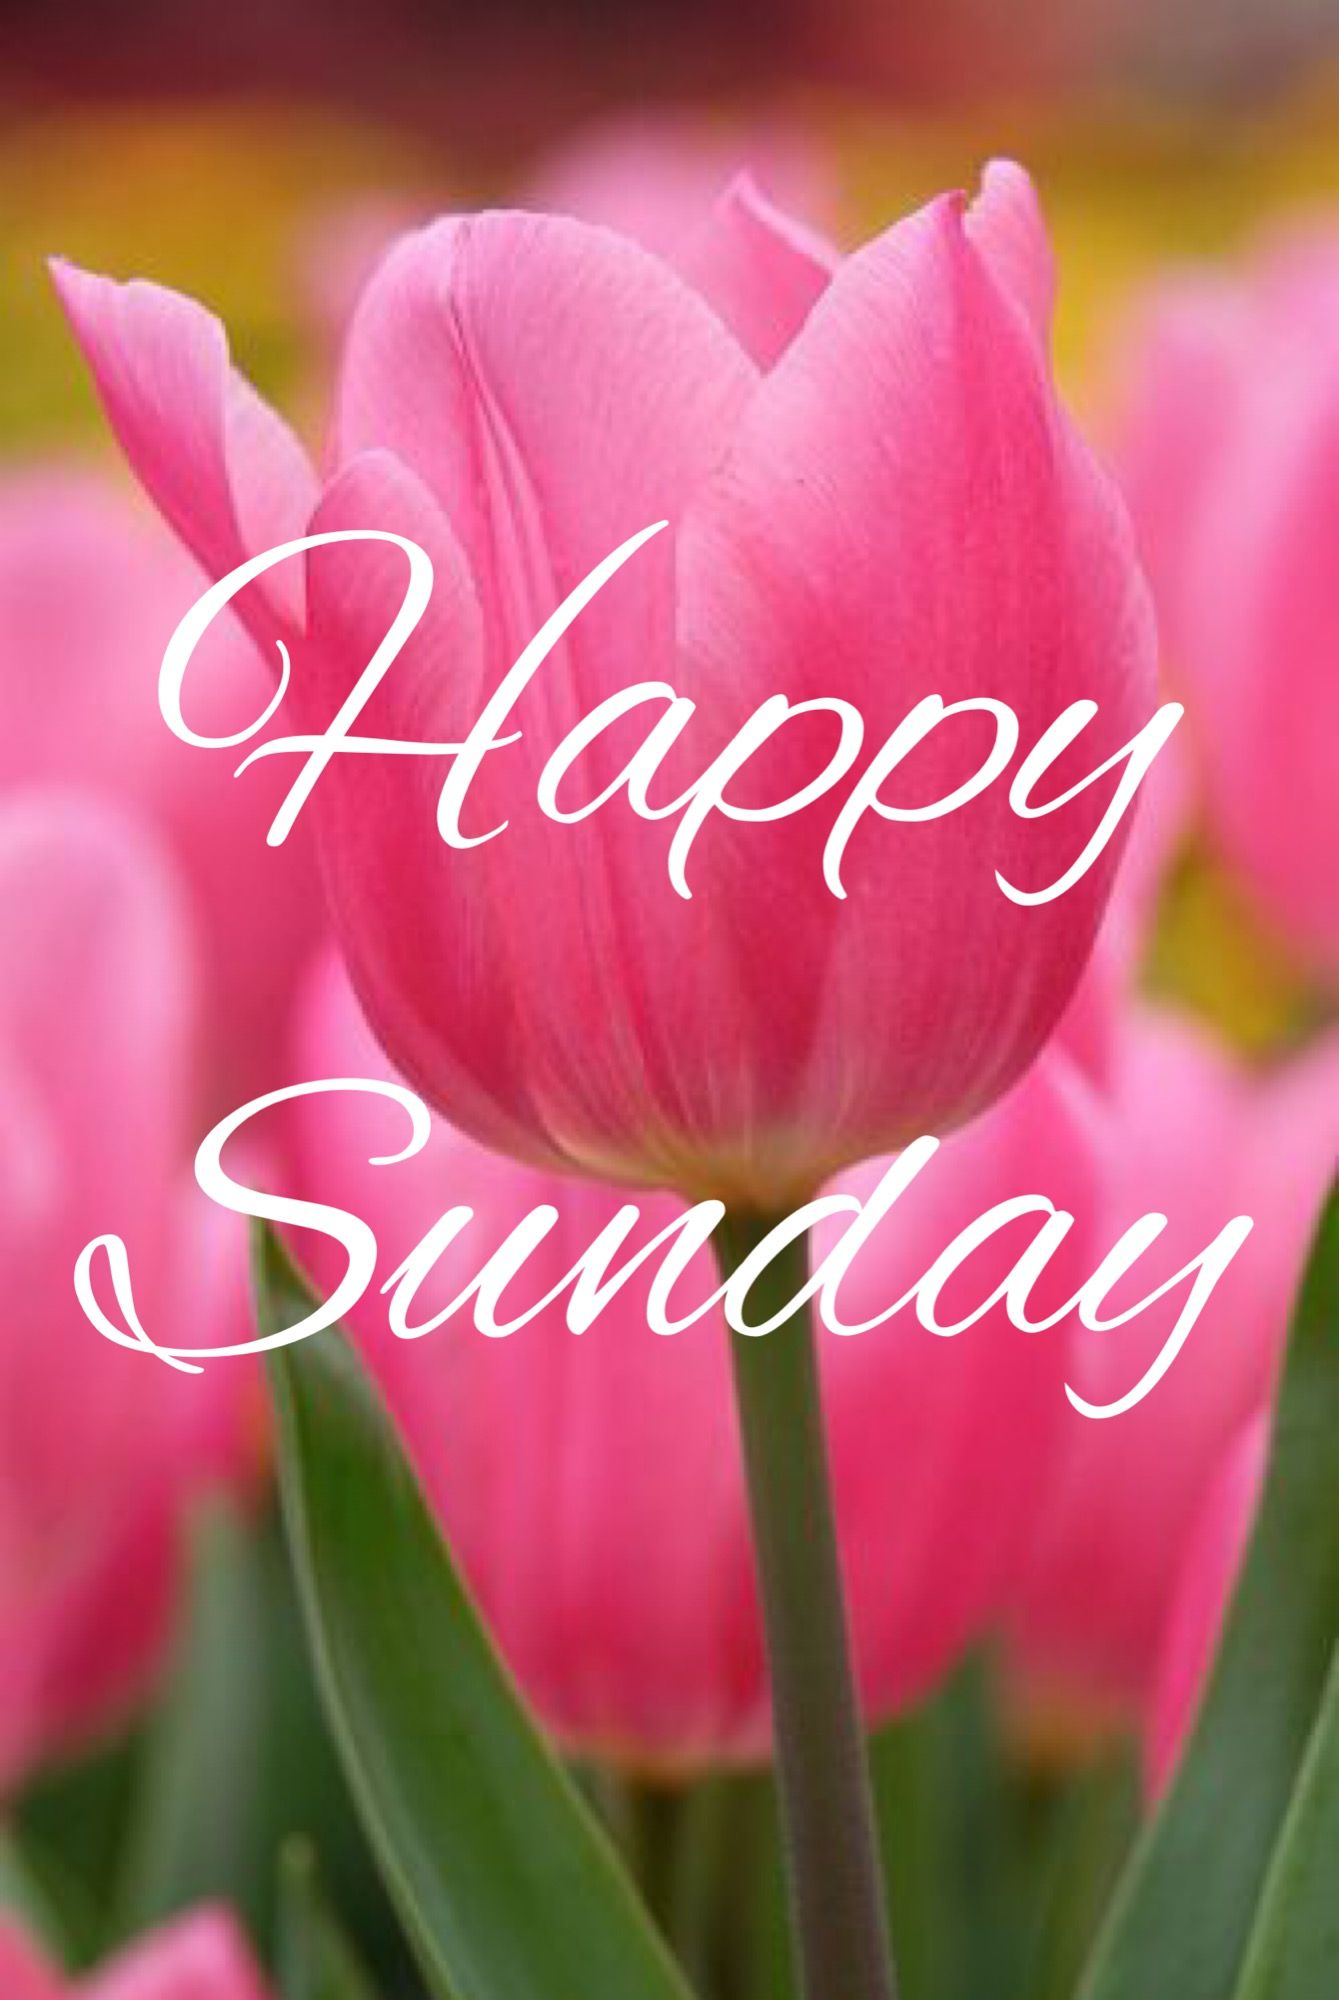 Inspiration Inspirationalquotes Motivate Motivation Quotestoliveby Selfesteem Motivationalquote Sunday Greetings Good Morning Happy Sunday Happy Sunday